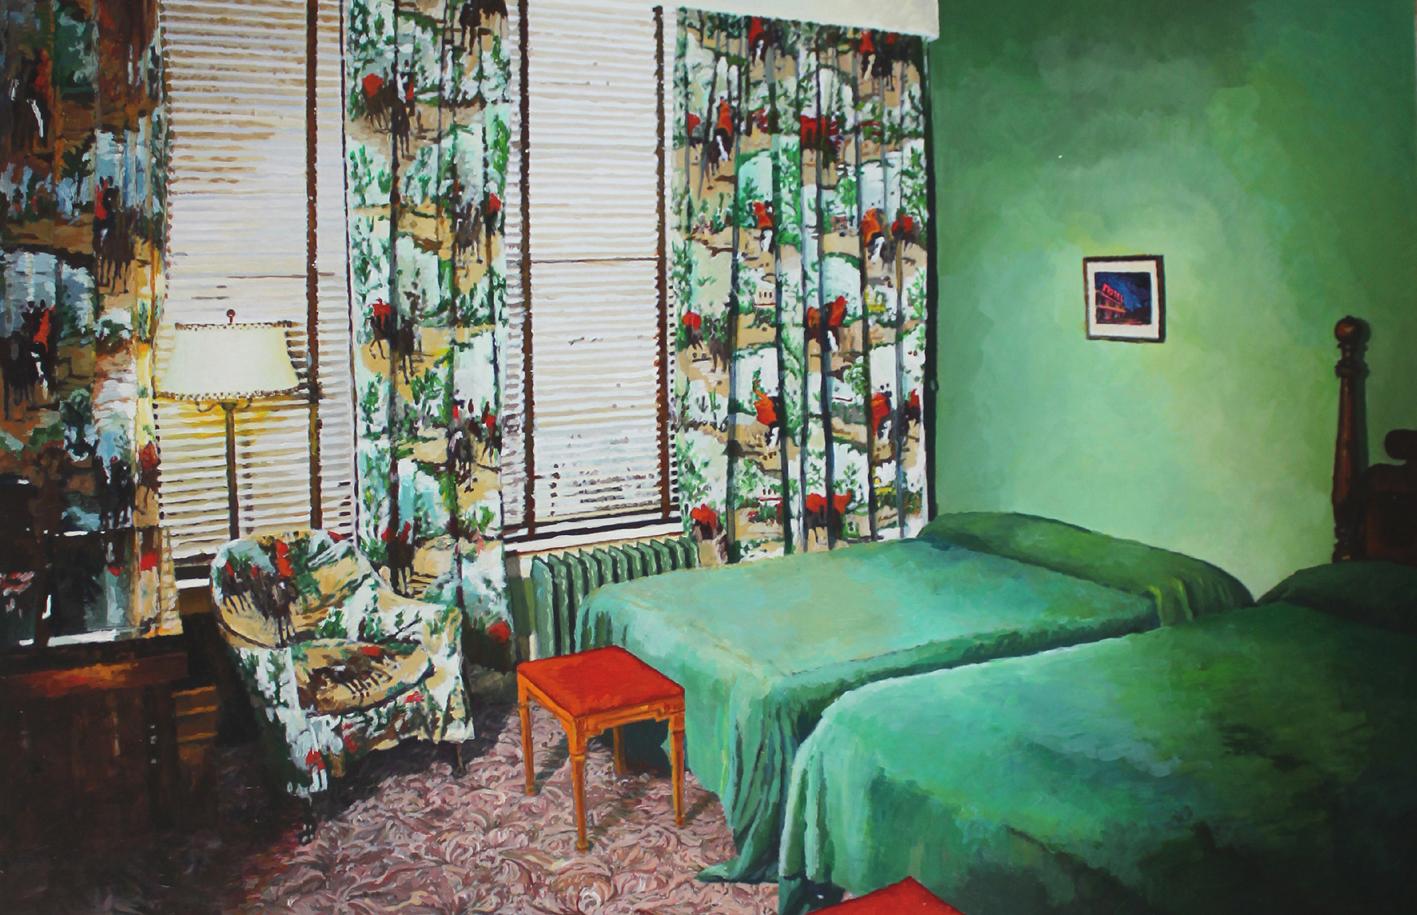 Julie Giraud, La Chambre verte, peinture acrylique sur papier Fabriano, 90 x 59 cm